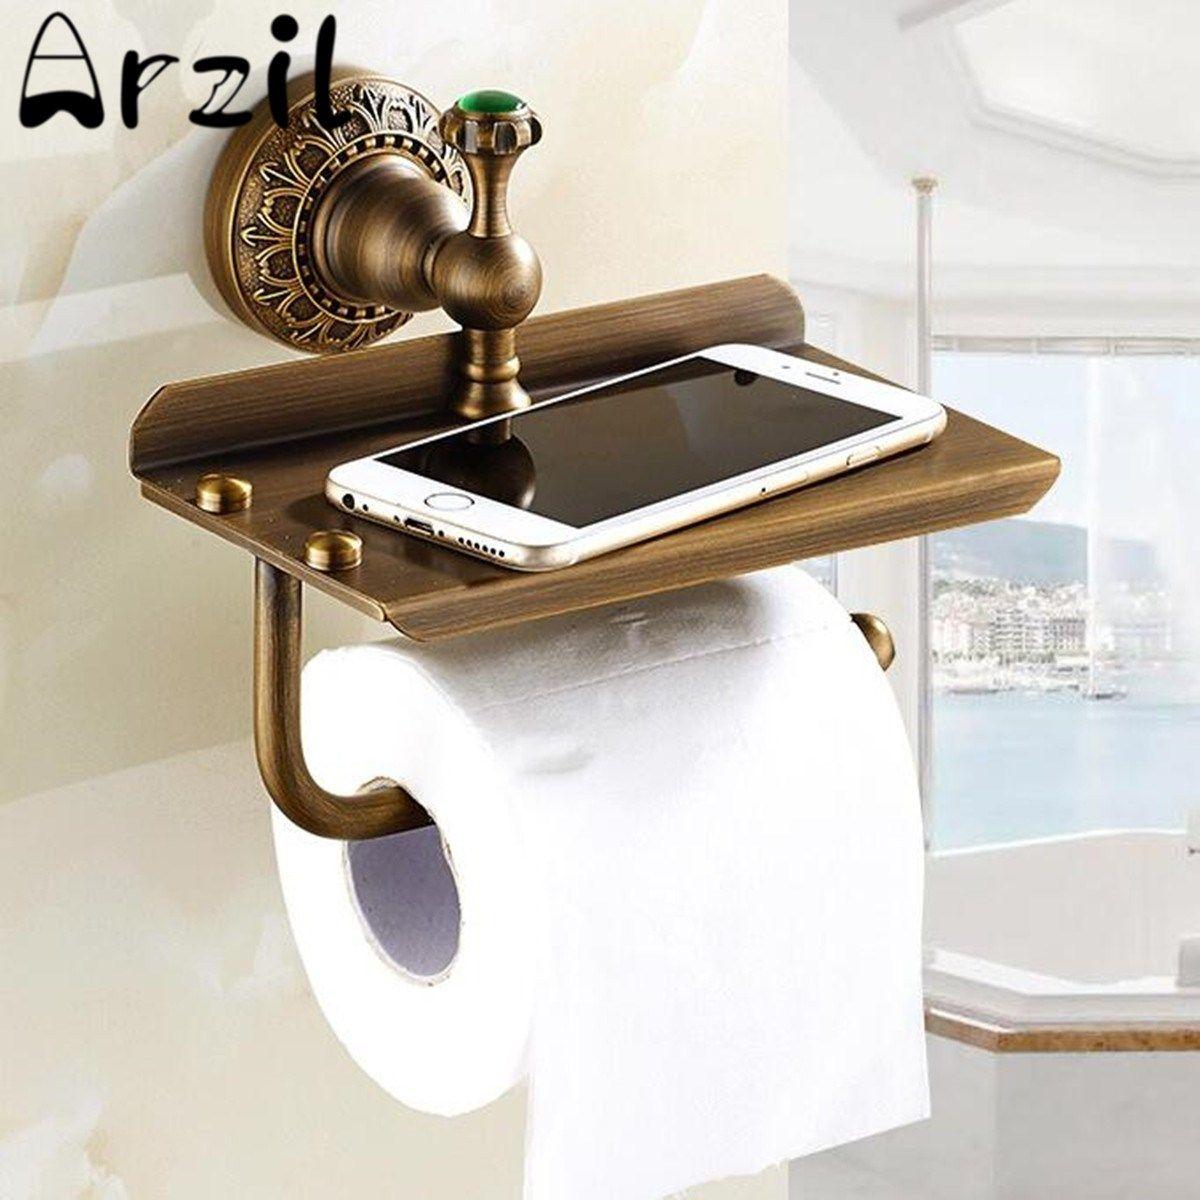 Nueva Barra De Laton Antiguo Montado En La Pared De Toallas De Papel Higienico Titular De Papel Higi Toilet Paper Holder Toilet Roll Holder Wall Mounted Toilet